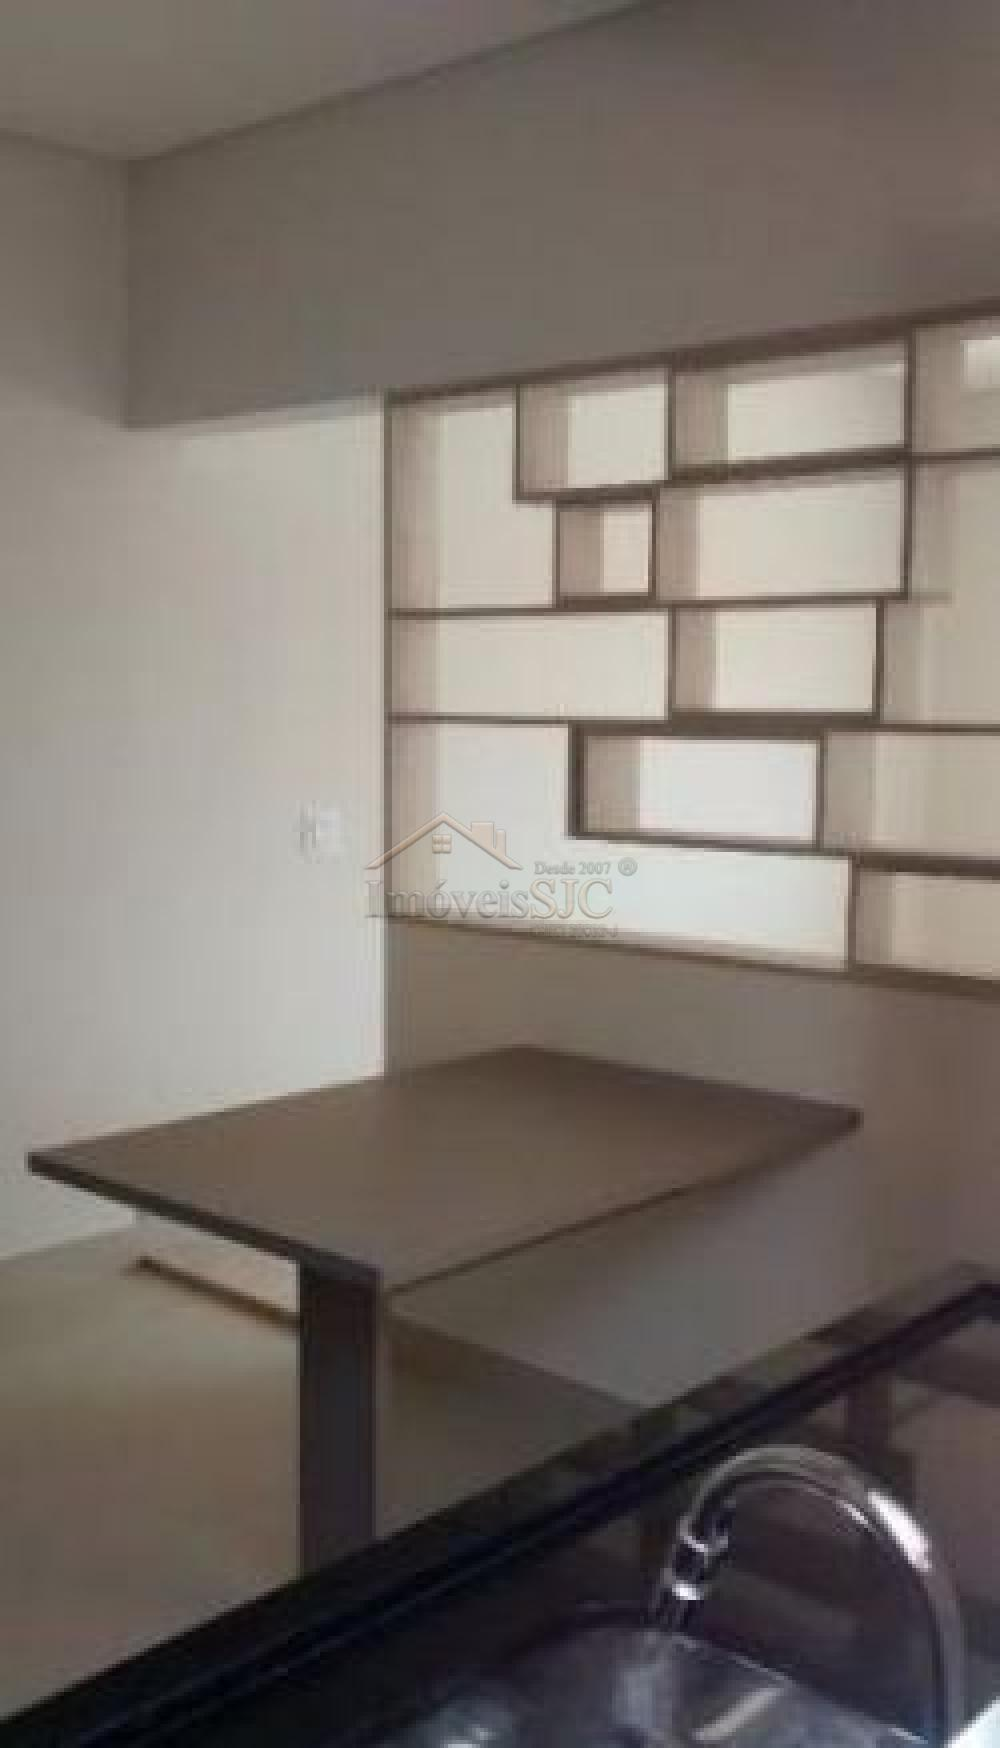 Comprar Casas / Padrão em São José dos Campos apenas R$ 405.000,00 - Foto 7